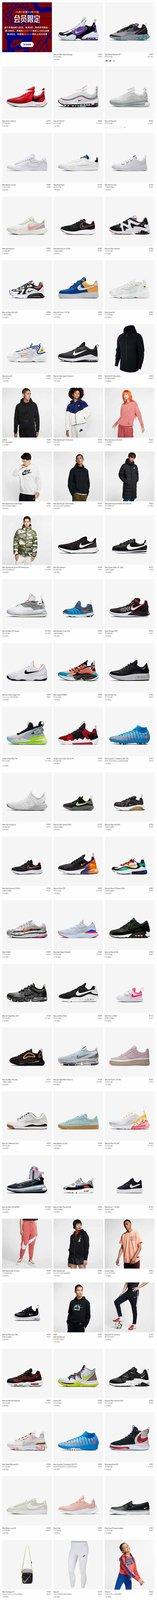 """Nike,双 11,双十一,官网 满减福利!Nike 双十一 """"低至五折"""" 活动即将结束!"""